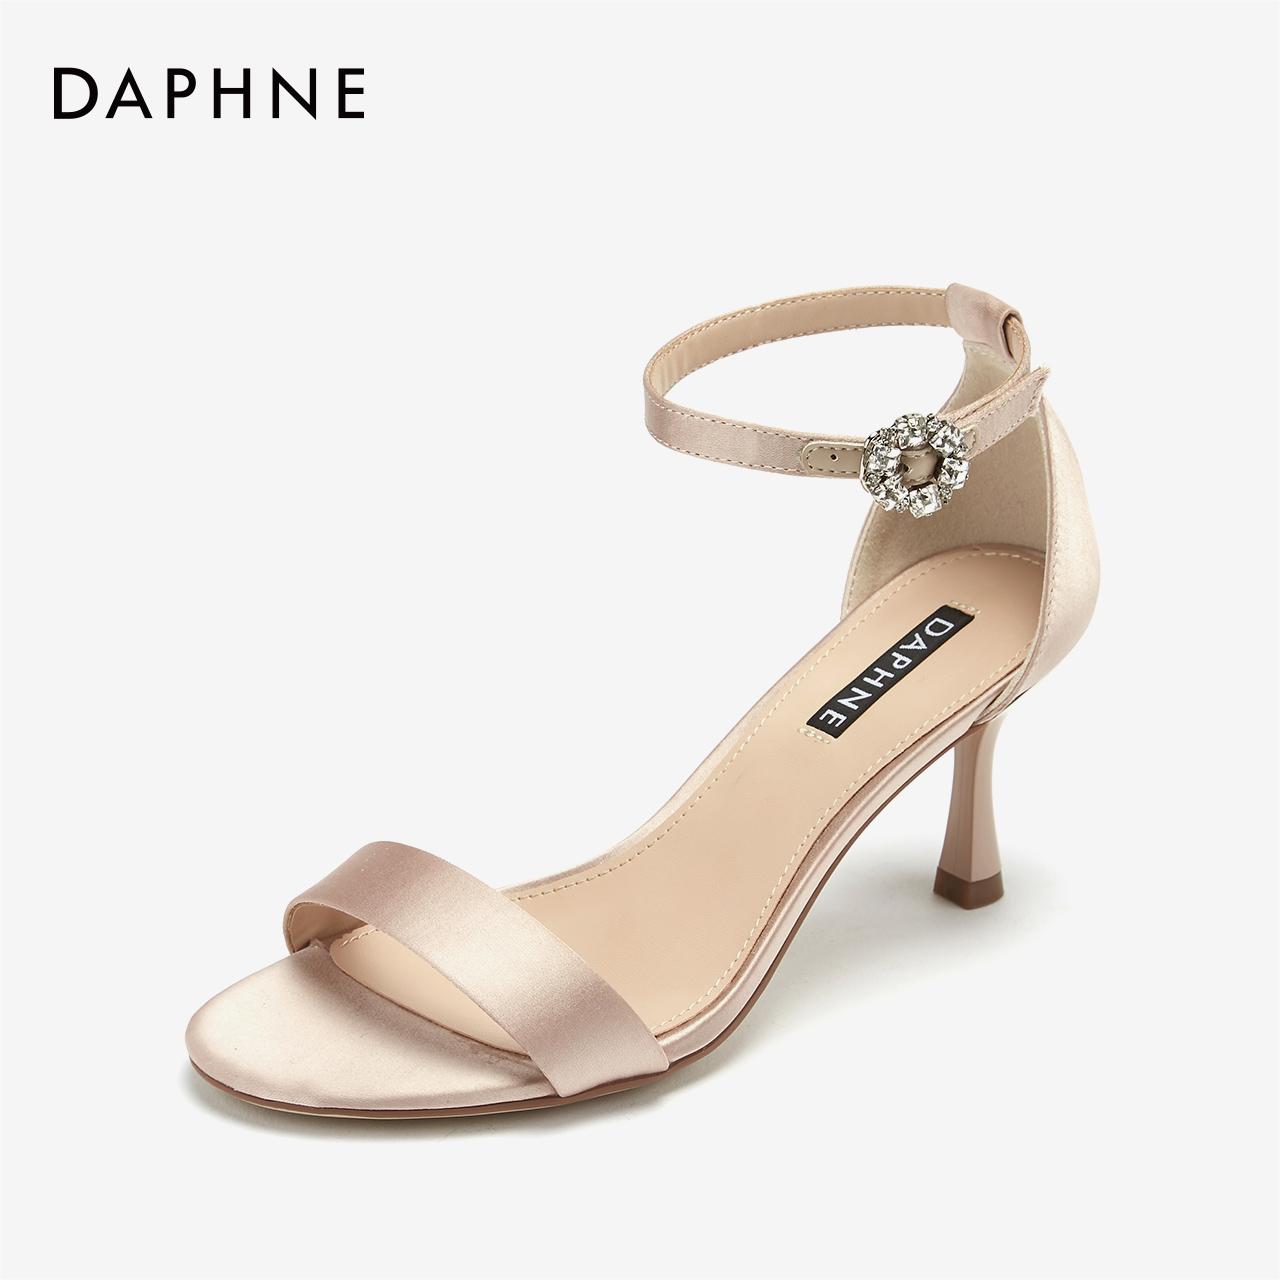 达芙妮2019夏新款凉鞋女鞋 优雅钻扣踝带高跟缎面酒杯跟宴会婚鞋